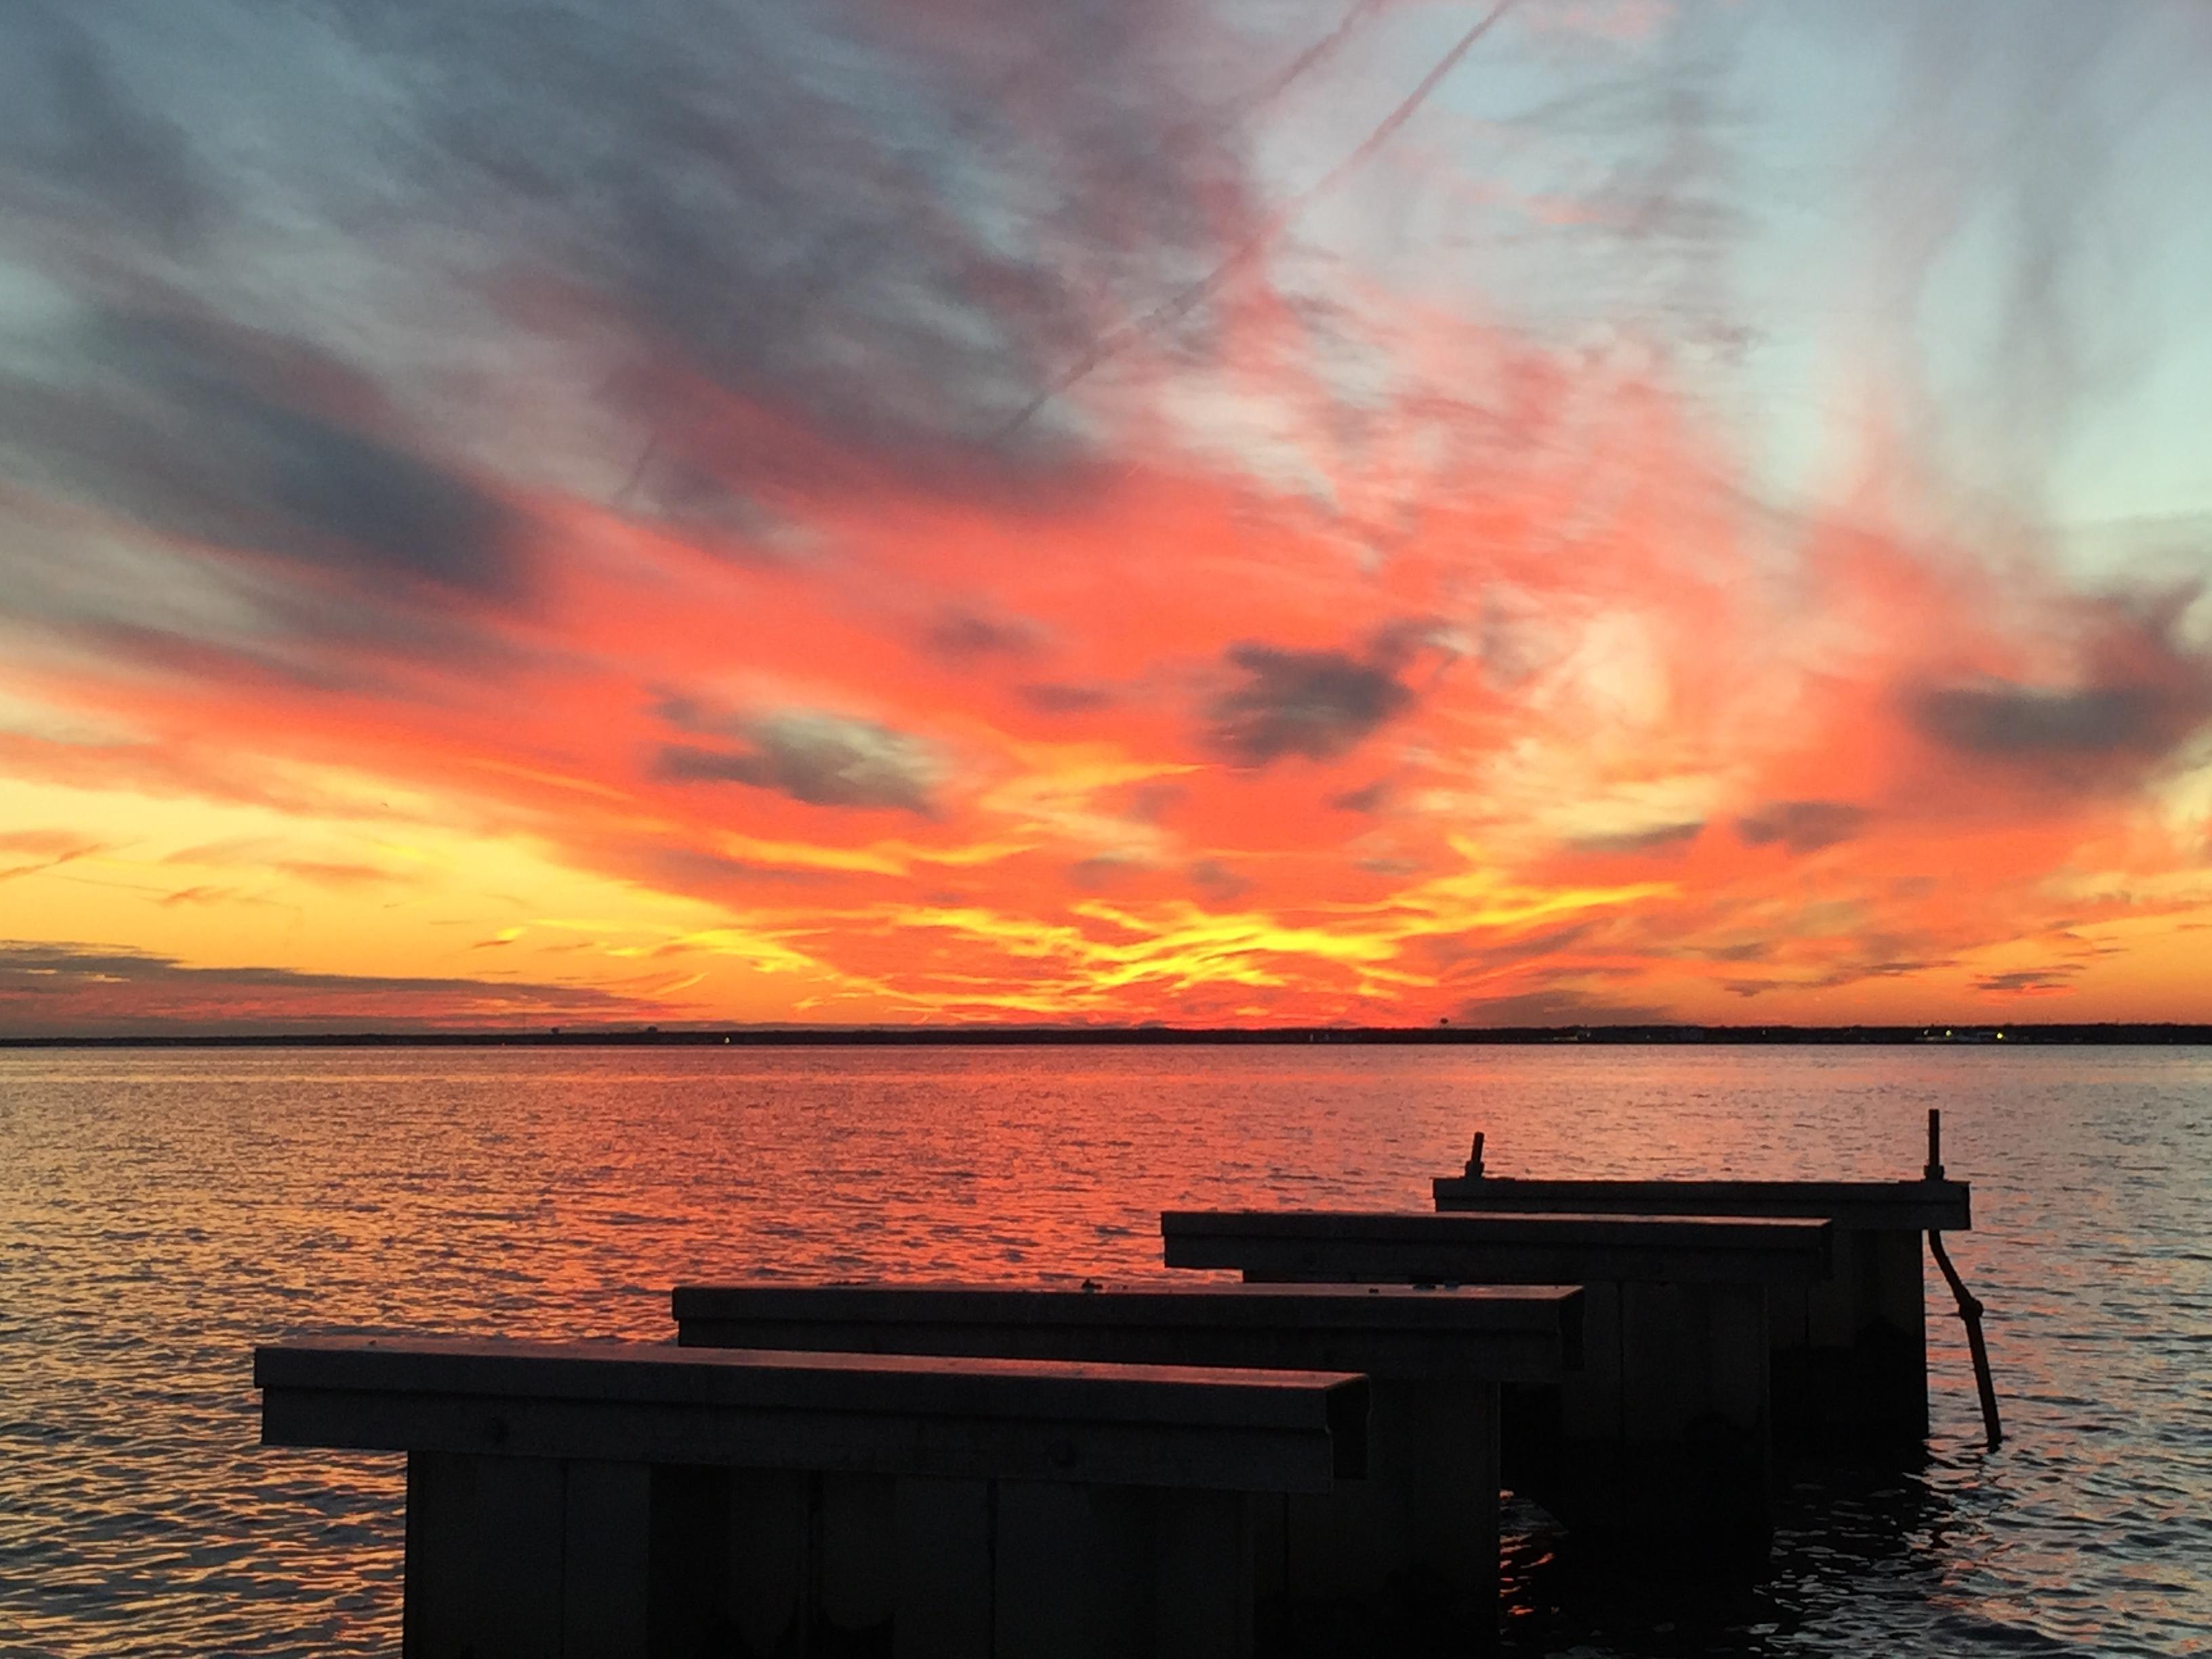 Sunset over Barnegat Bay, Dec. 29, 2014. (Photo: Daniel Nee)